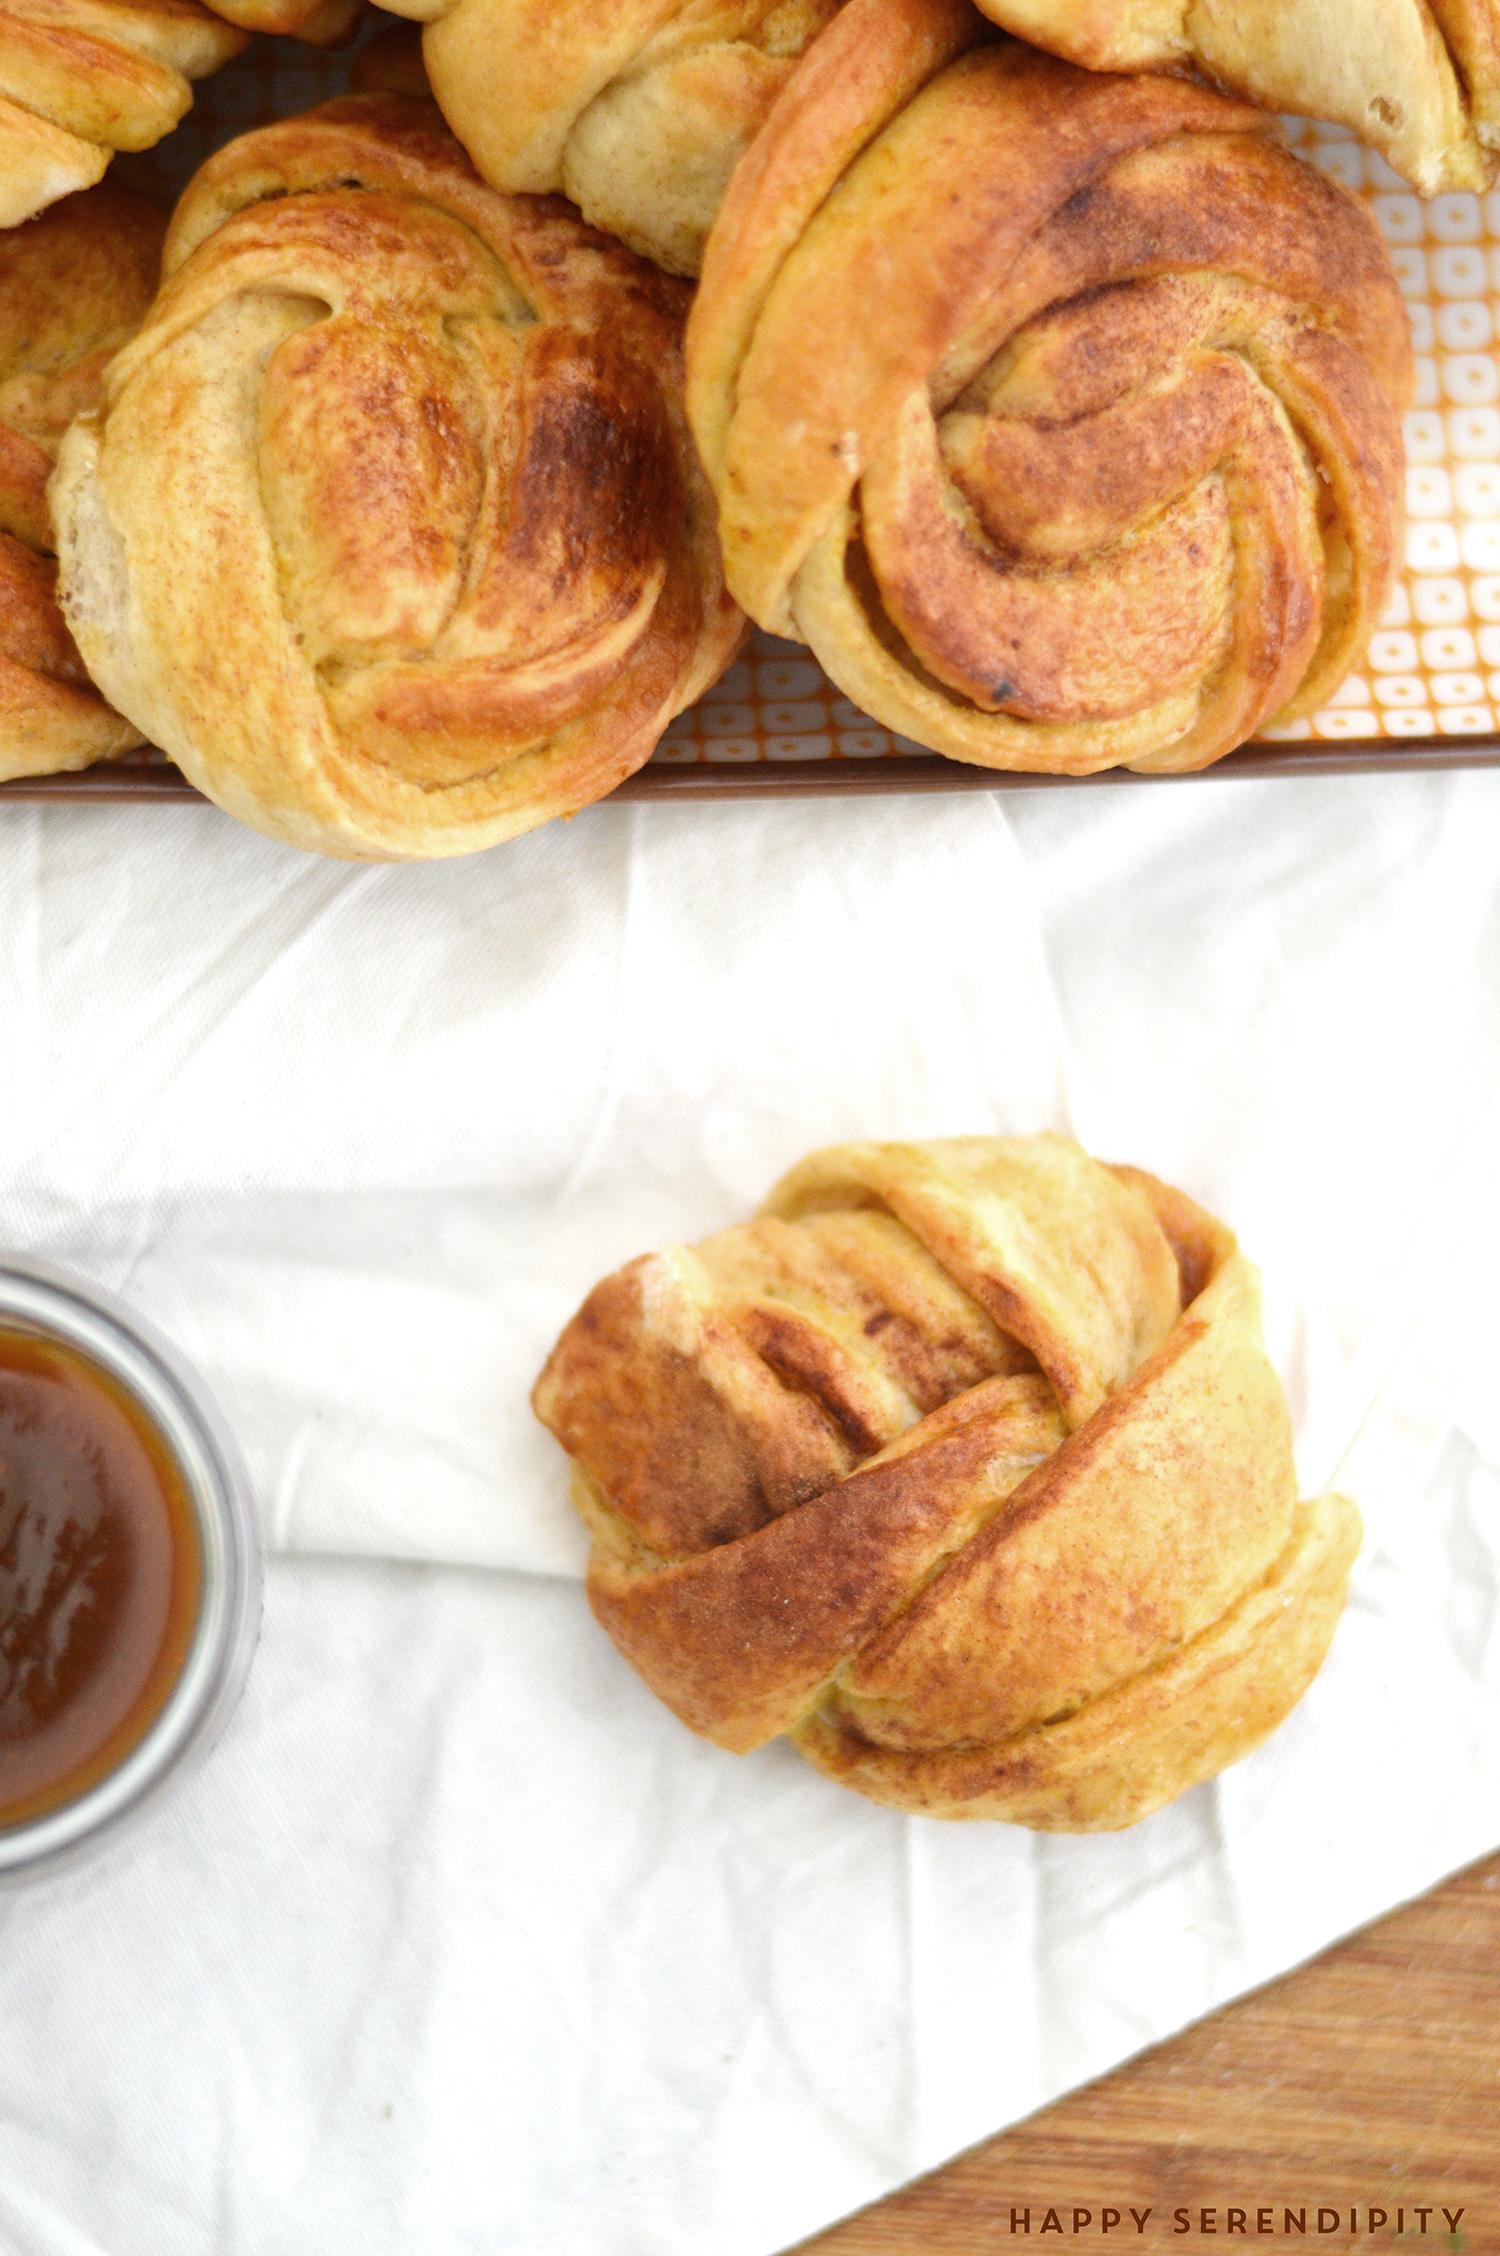 rezept für kürbisknoten die besonders lecker zum frühstück sind | ein rezept von happy serendipity